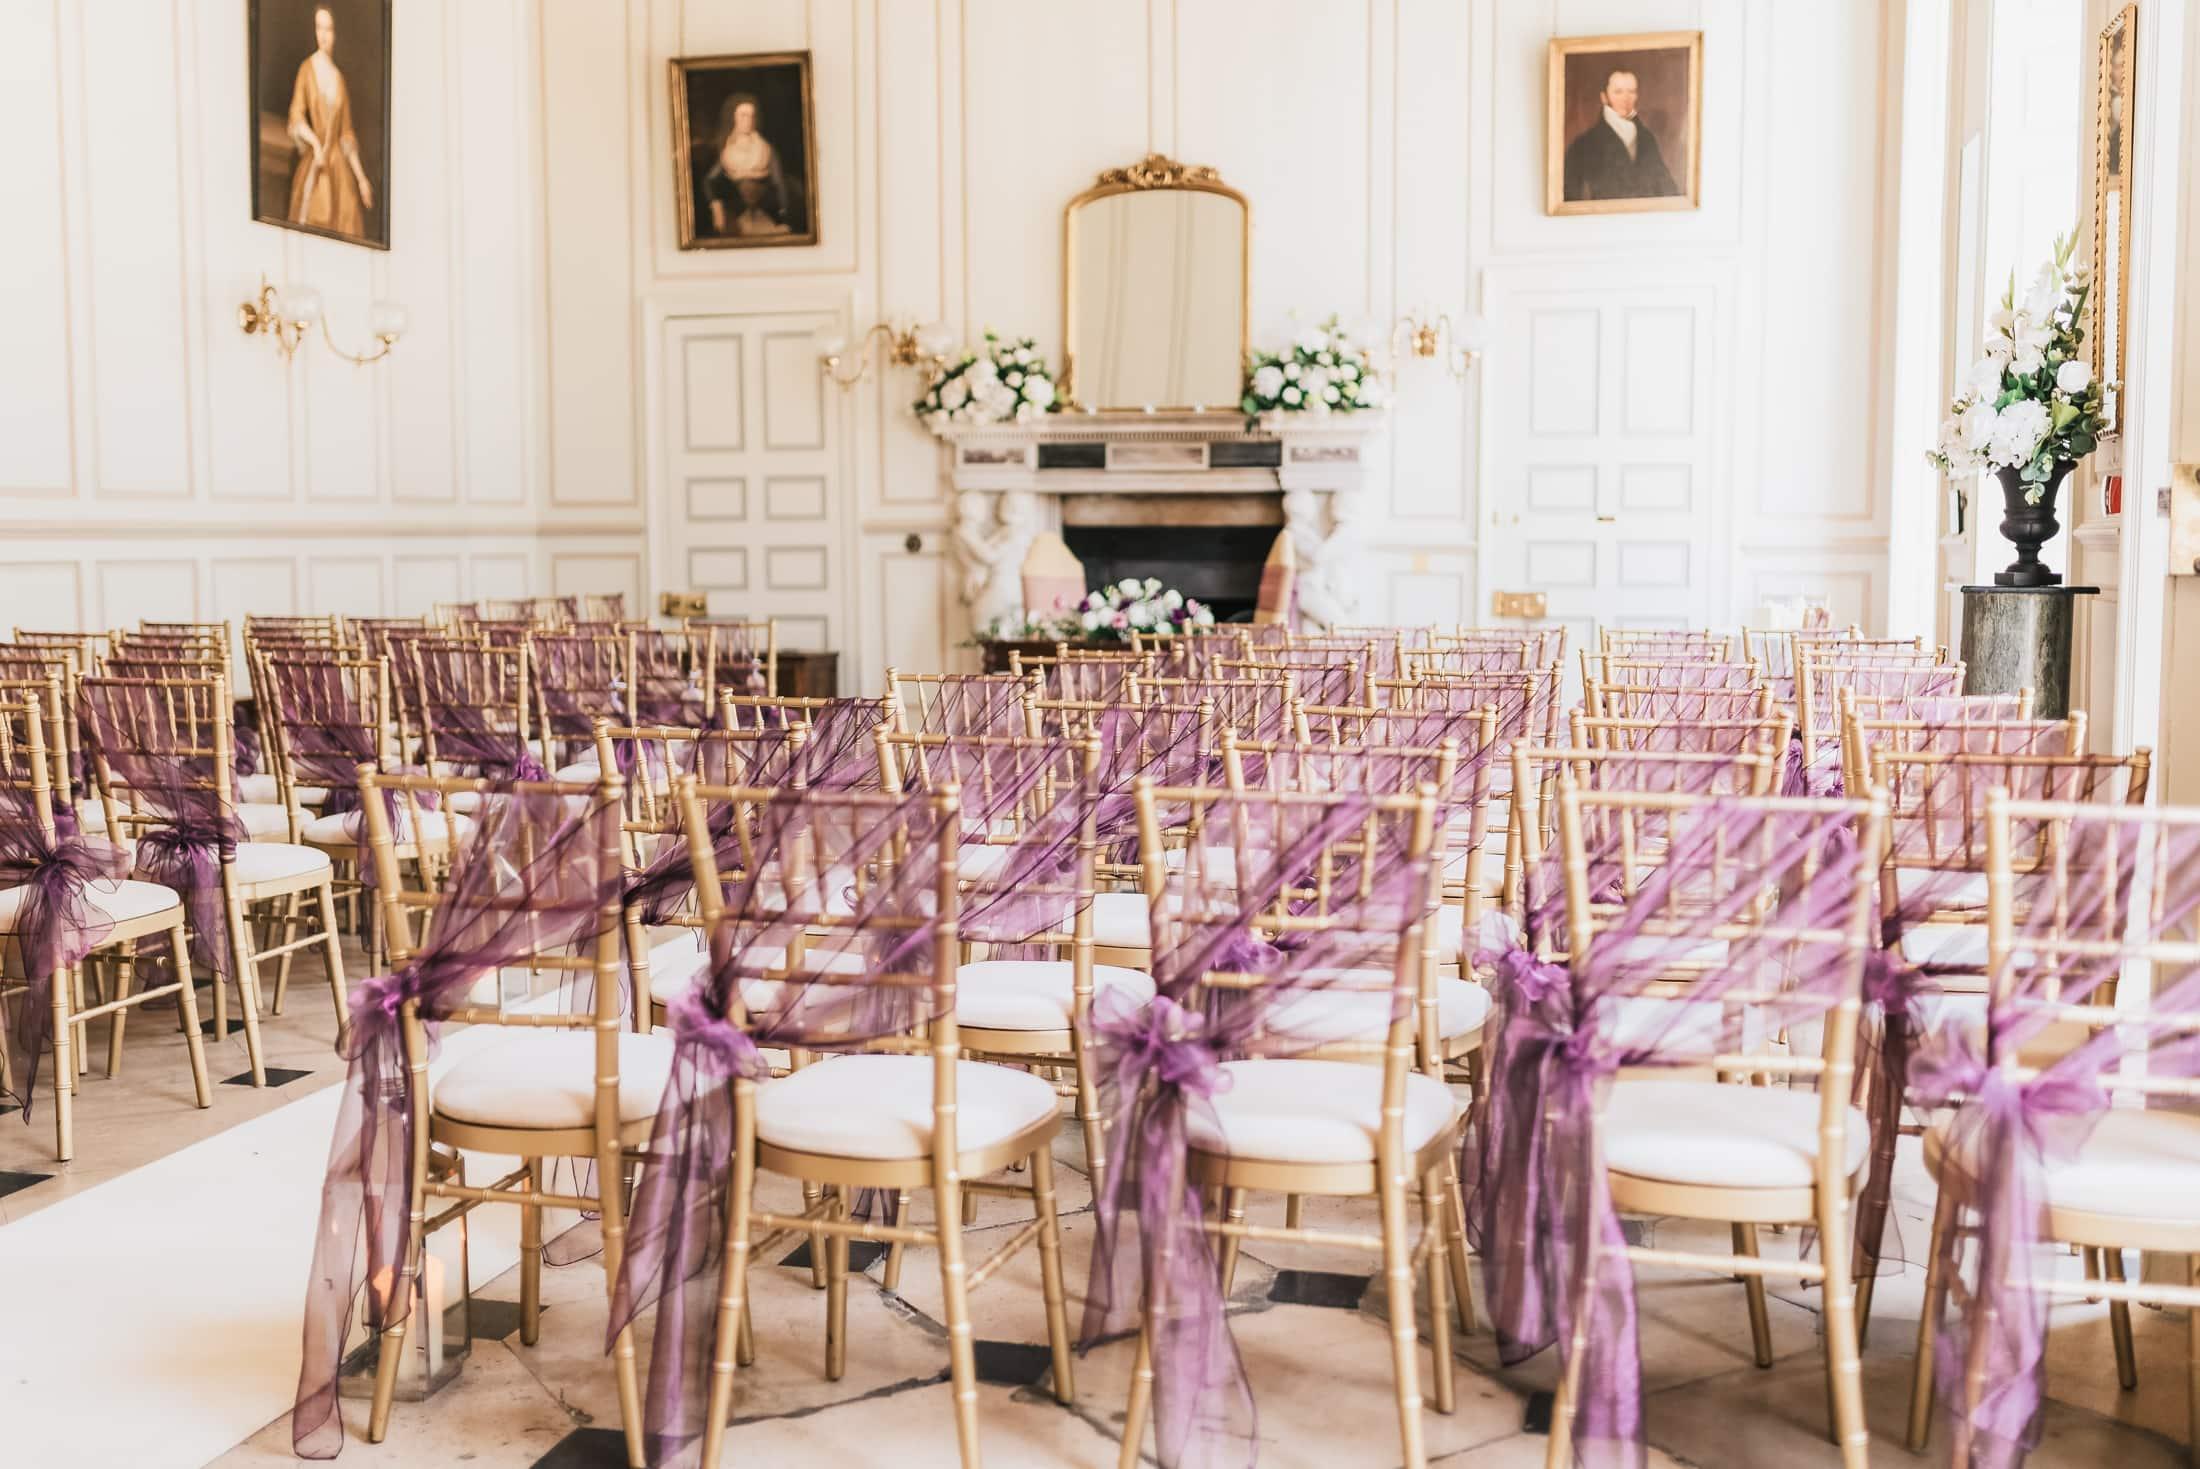 the grand salon at gosfield hall wedding venue